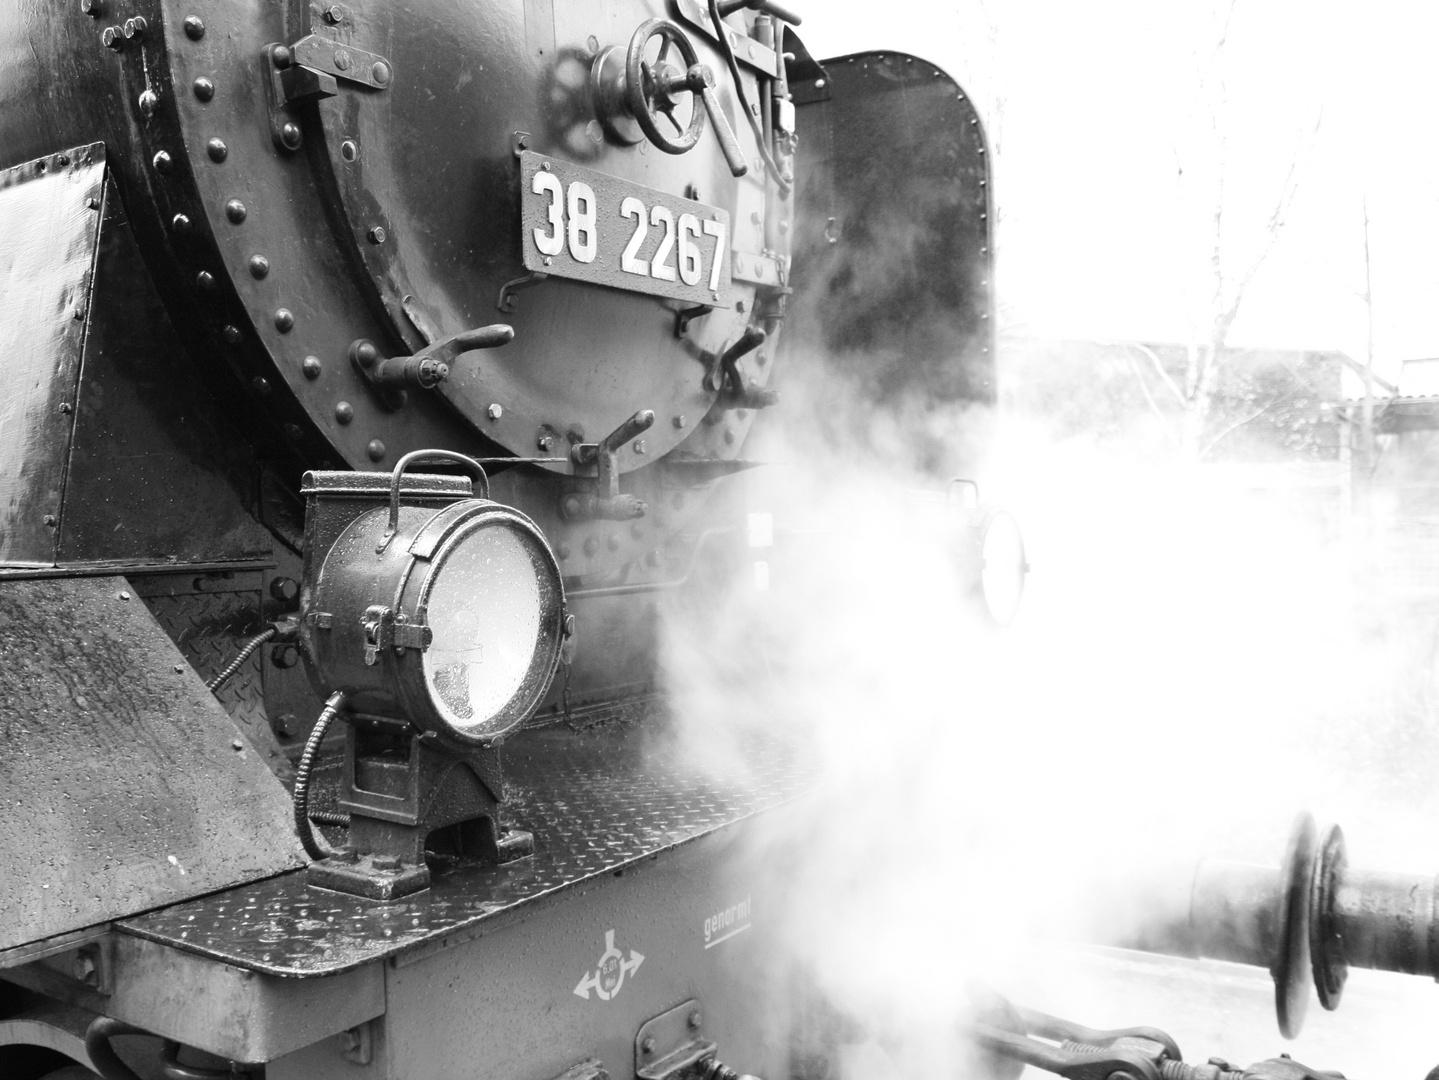 Dampflokomotive Preußische P 8 (38 2267) – RuhrtalBahn #4